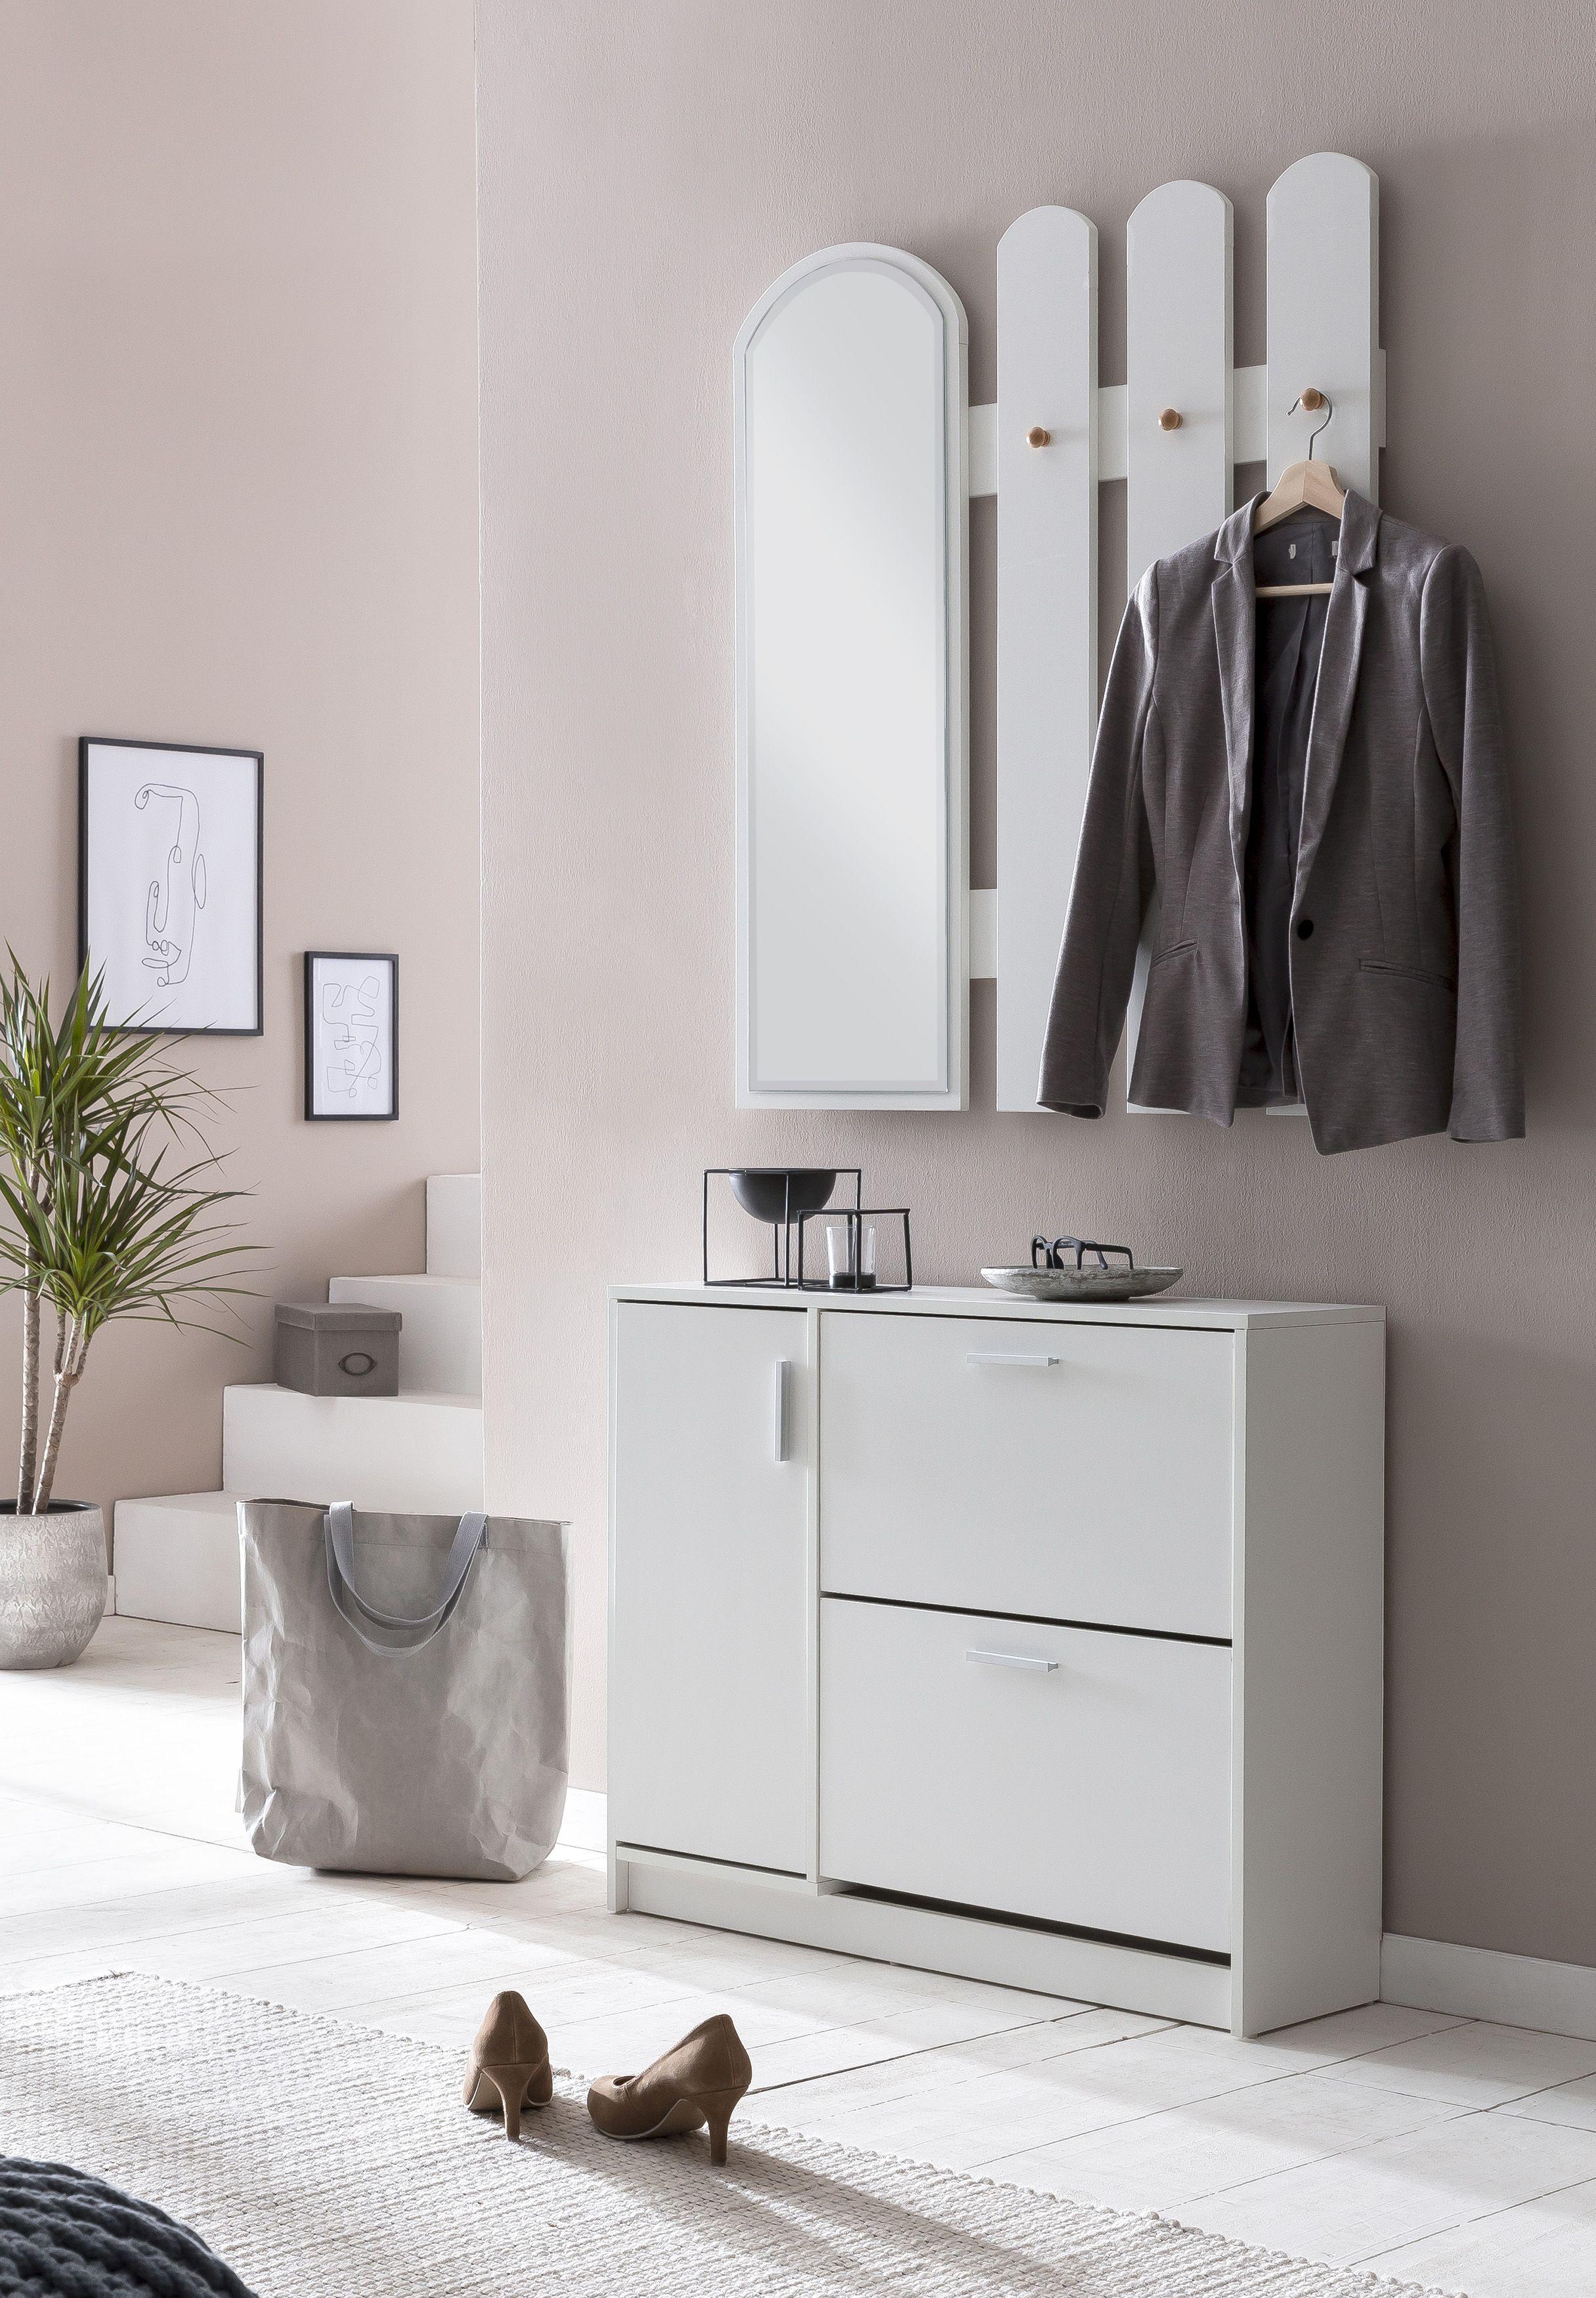 Kleiderhaken Garderoben Leiste Spiegelpaneel Flur Schrank Wand